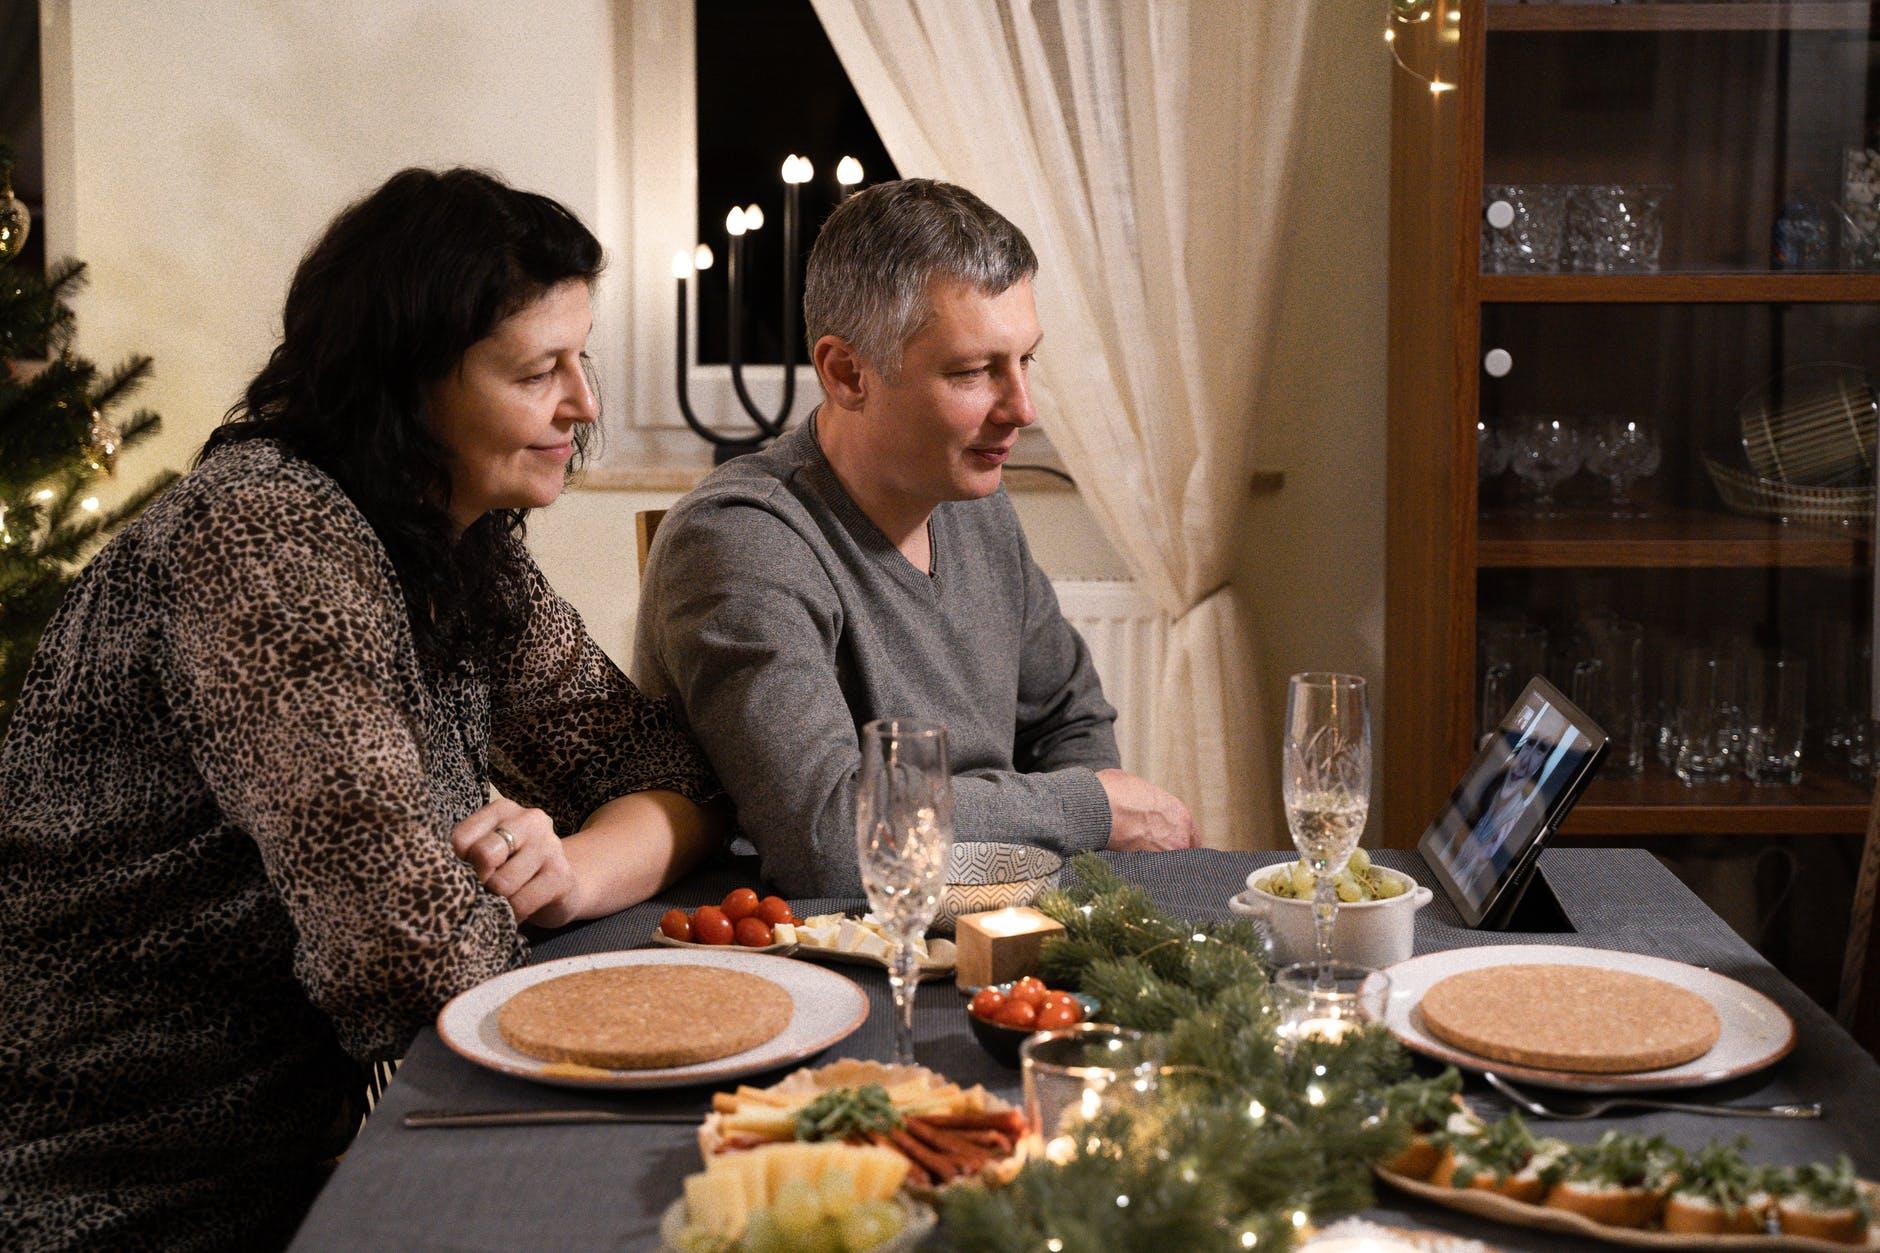 pexels photo 5870867 Jak w tym roku spędzimy Boże Narodzenie? Minister Zdrowia nie pozostawia złudzeń